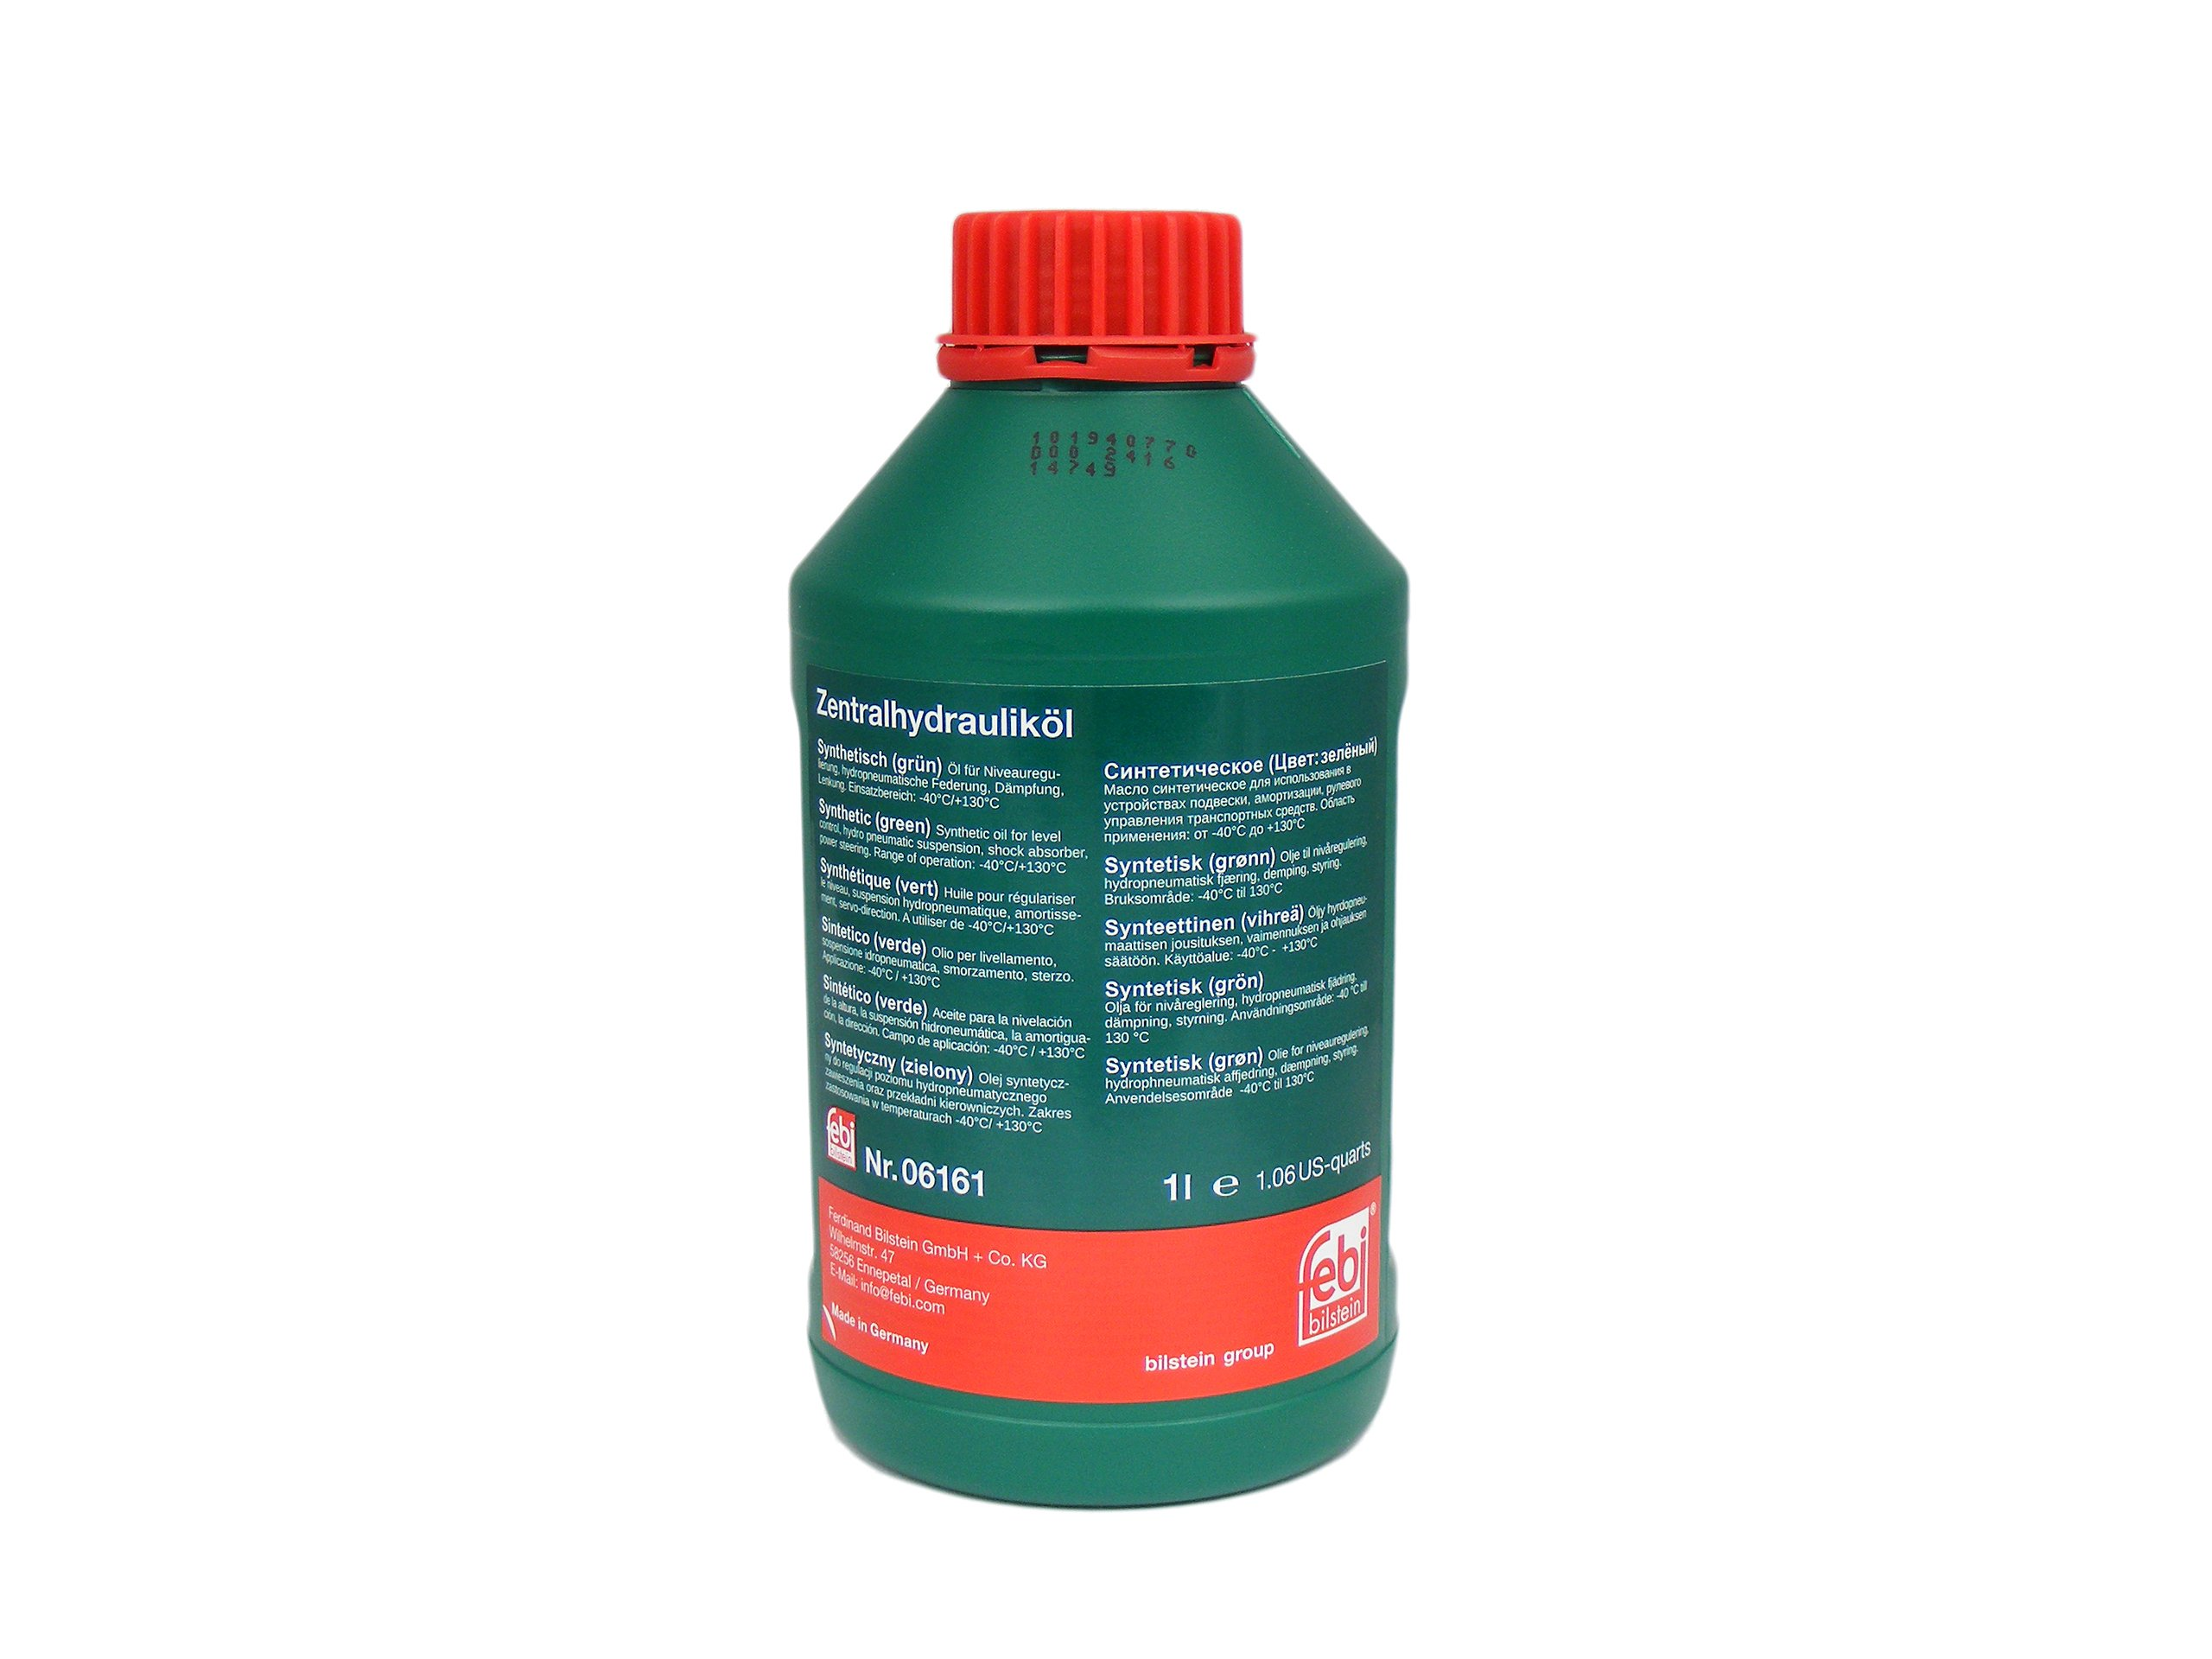 Масло для гидроусилителя синтетическая FEBI 06161 1Л